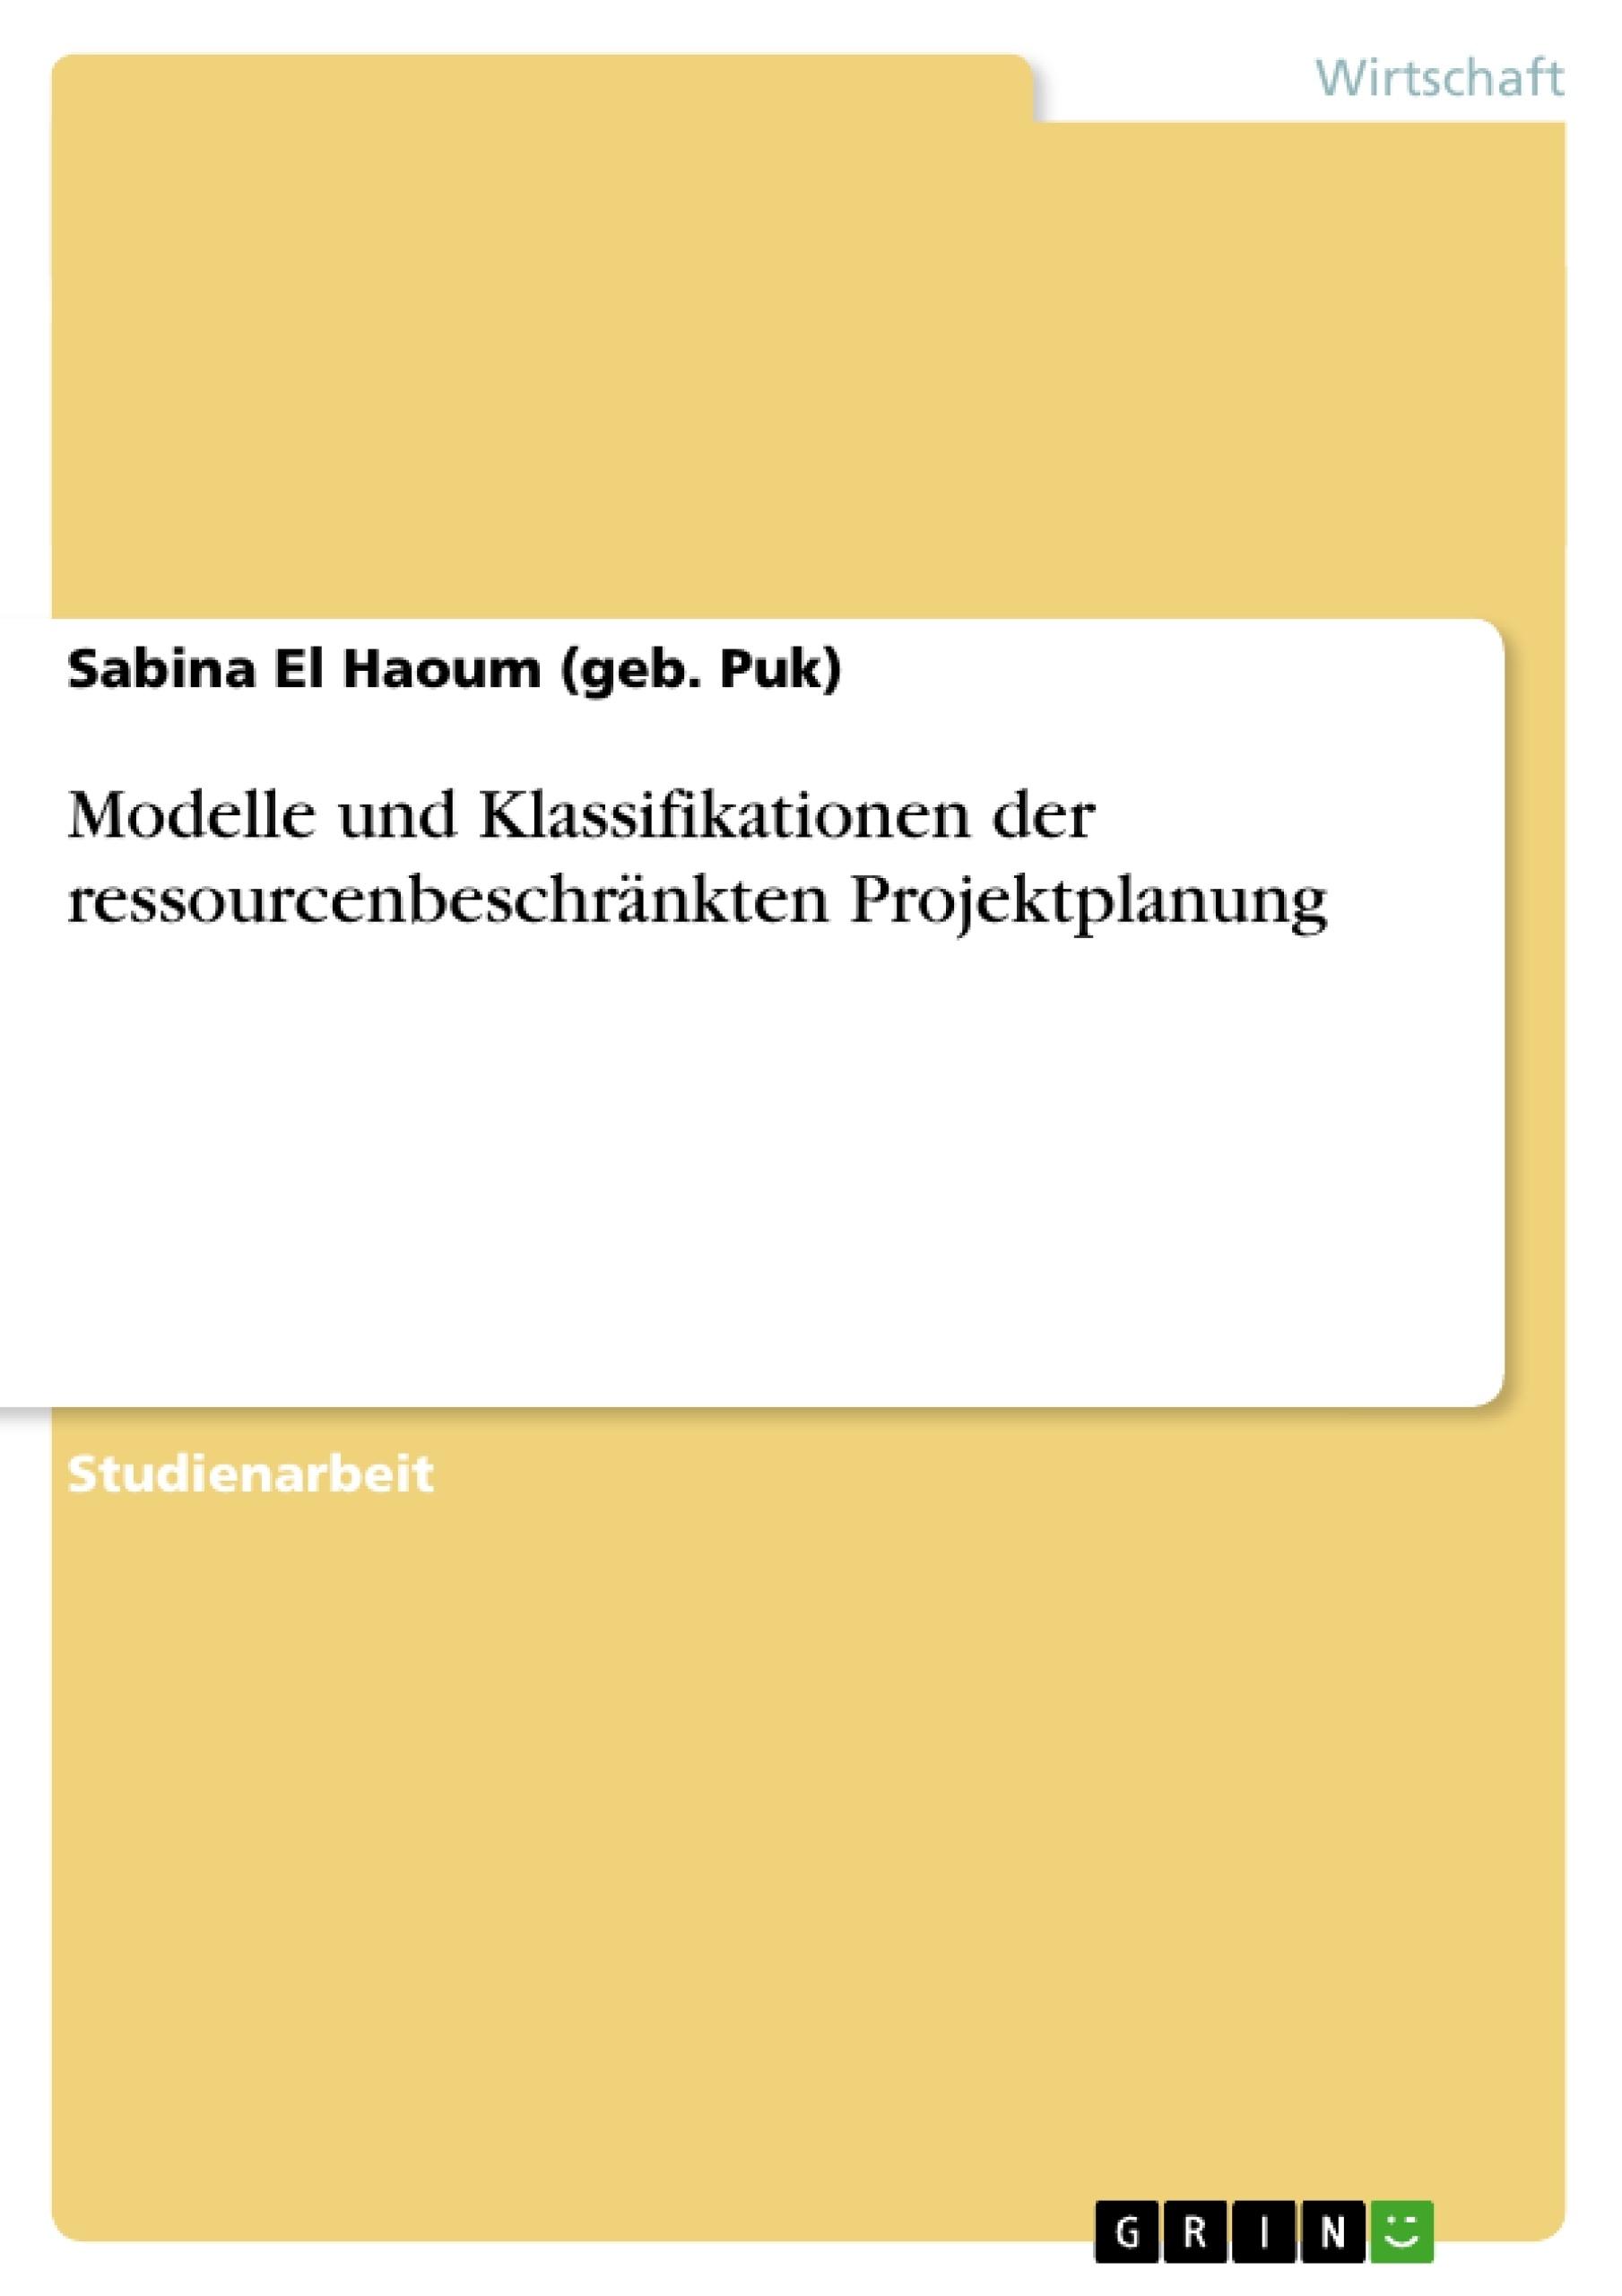 Titel: Modelle und Klassifikationen der ressourcenbeschränkten Projektplanung